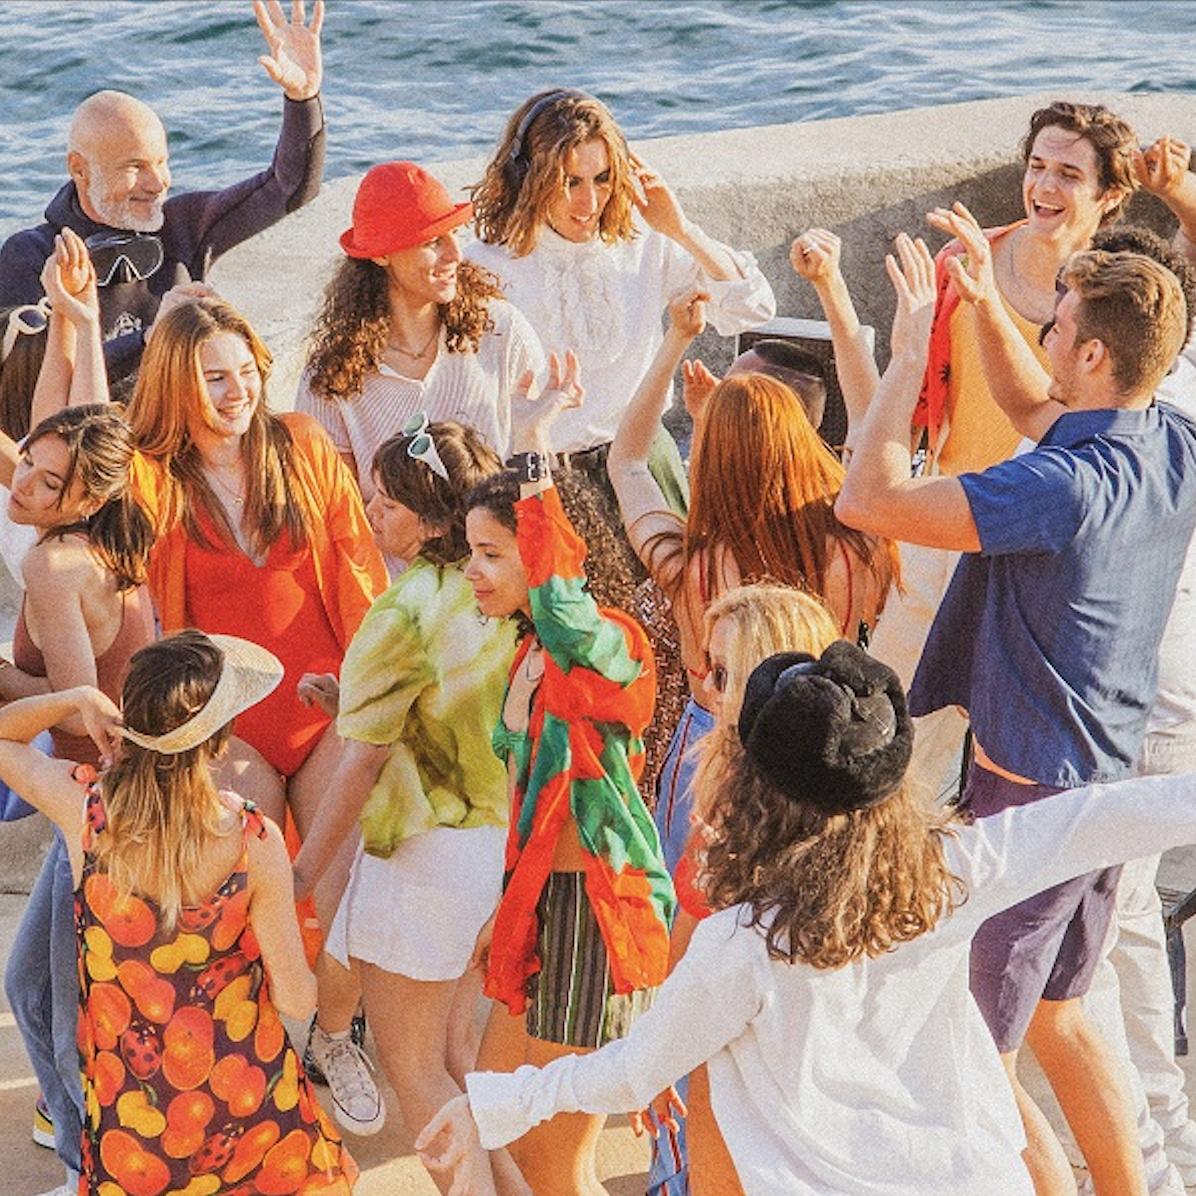 """Kungs, l'artiste le plus Shazamé au monde, a récemment dévoilé un single inédit """"Never Going Home"""", un titre """"aussi festif qu'estival"""". Ce """"summer track"""", comme ils disent,  deviendra probablement la bande-son de l'été de vos auditeurs."""